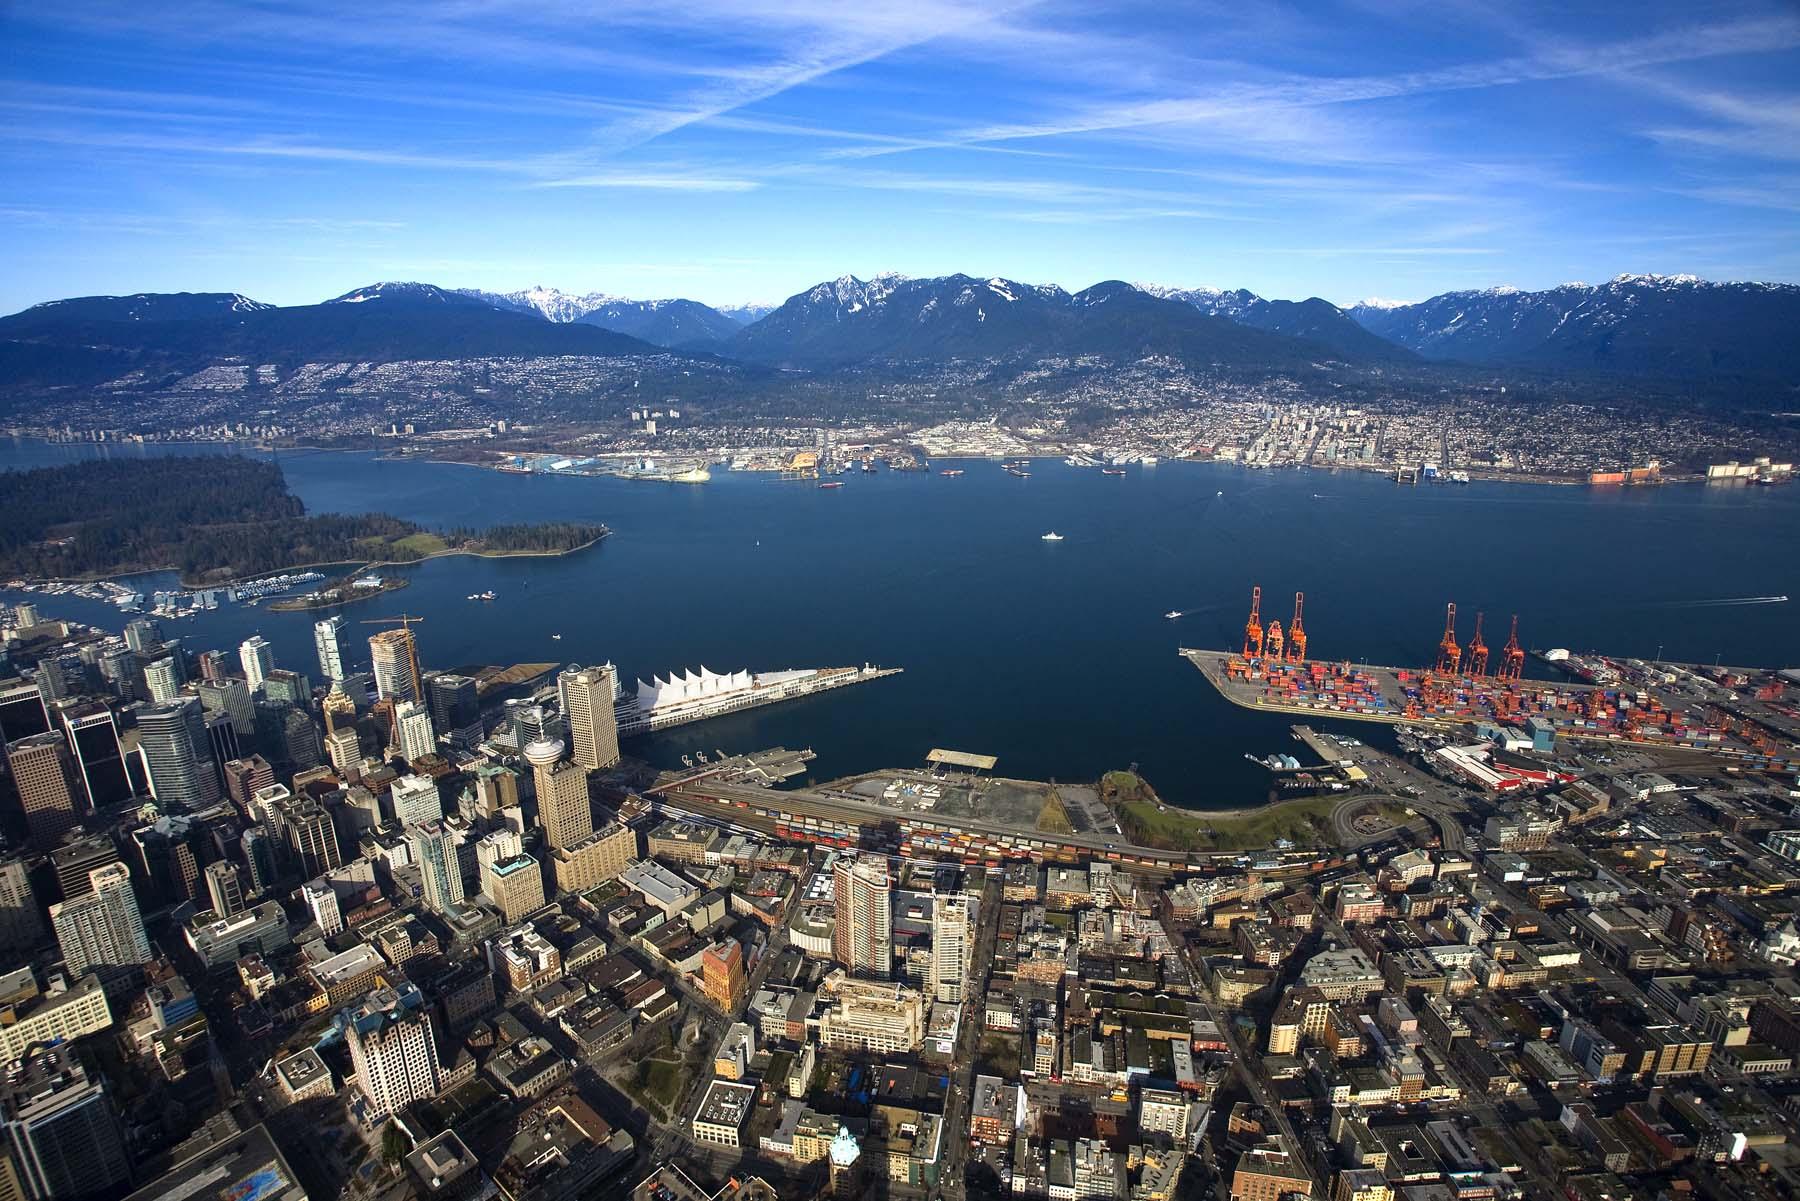 Vùng Metro Vancouver xinh đẹp và hiện đại nhìn từ trên cao